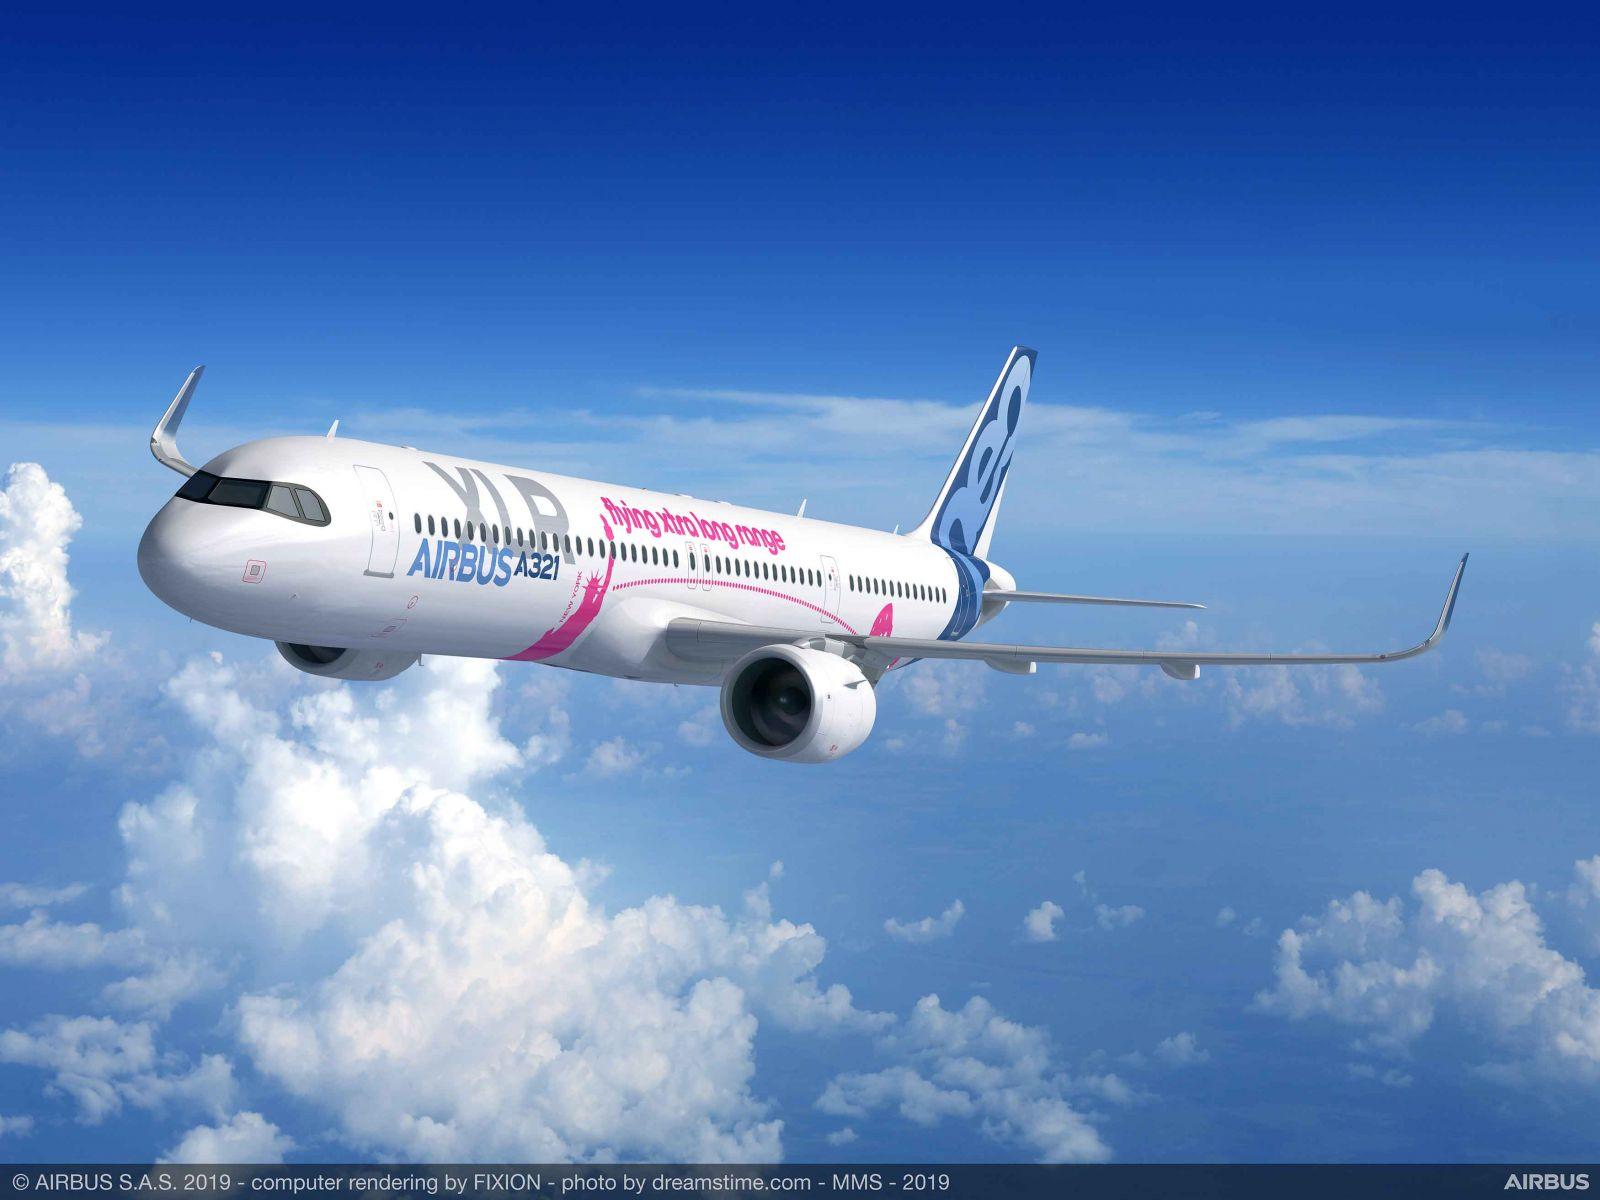 Le Bourget 2019 -  Airbus пуска най-дългия тяснофюзелажен самолет - A321XLR